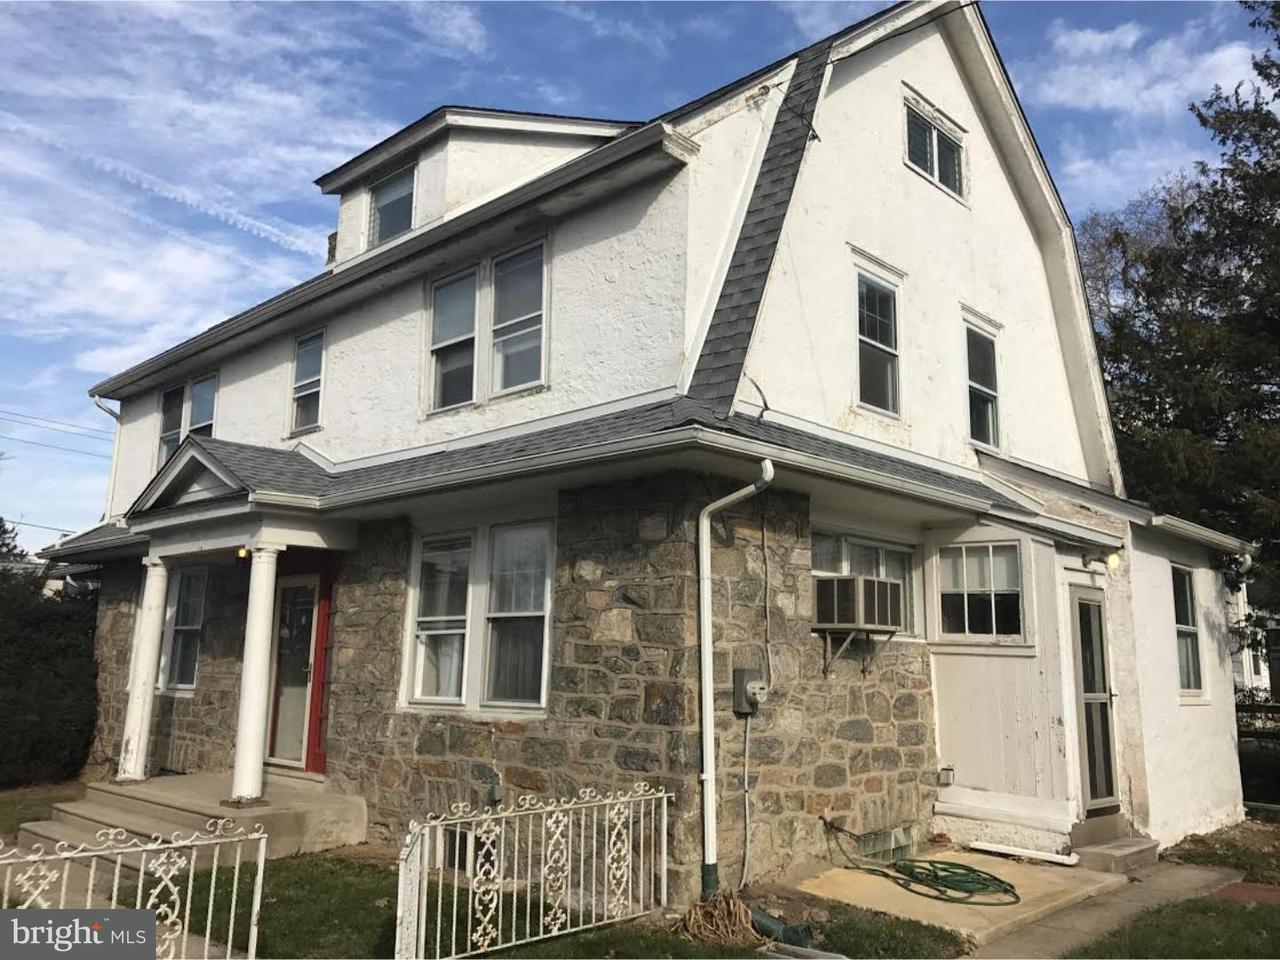 3808  School Drexel Hill, PA 19026